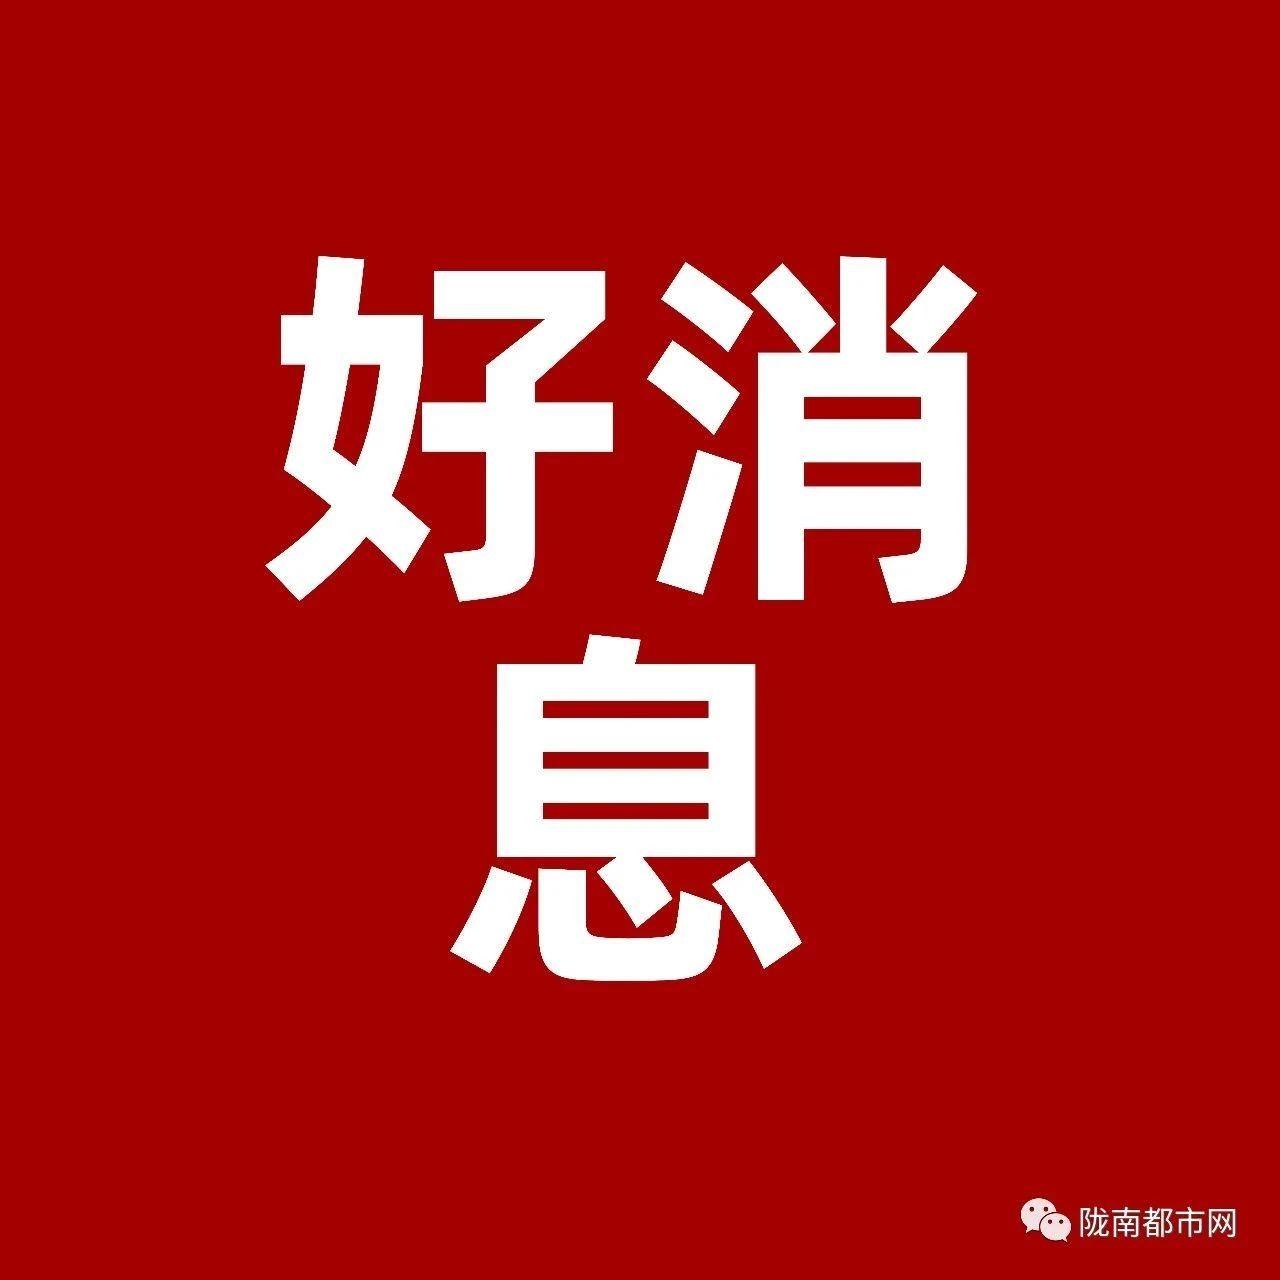 94名!陇南市公安局公开招聘警务辅助人员